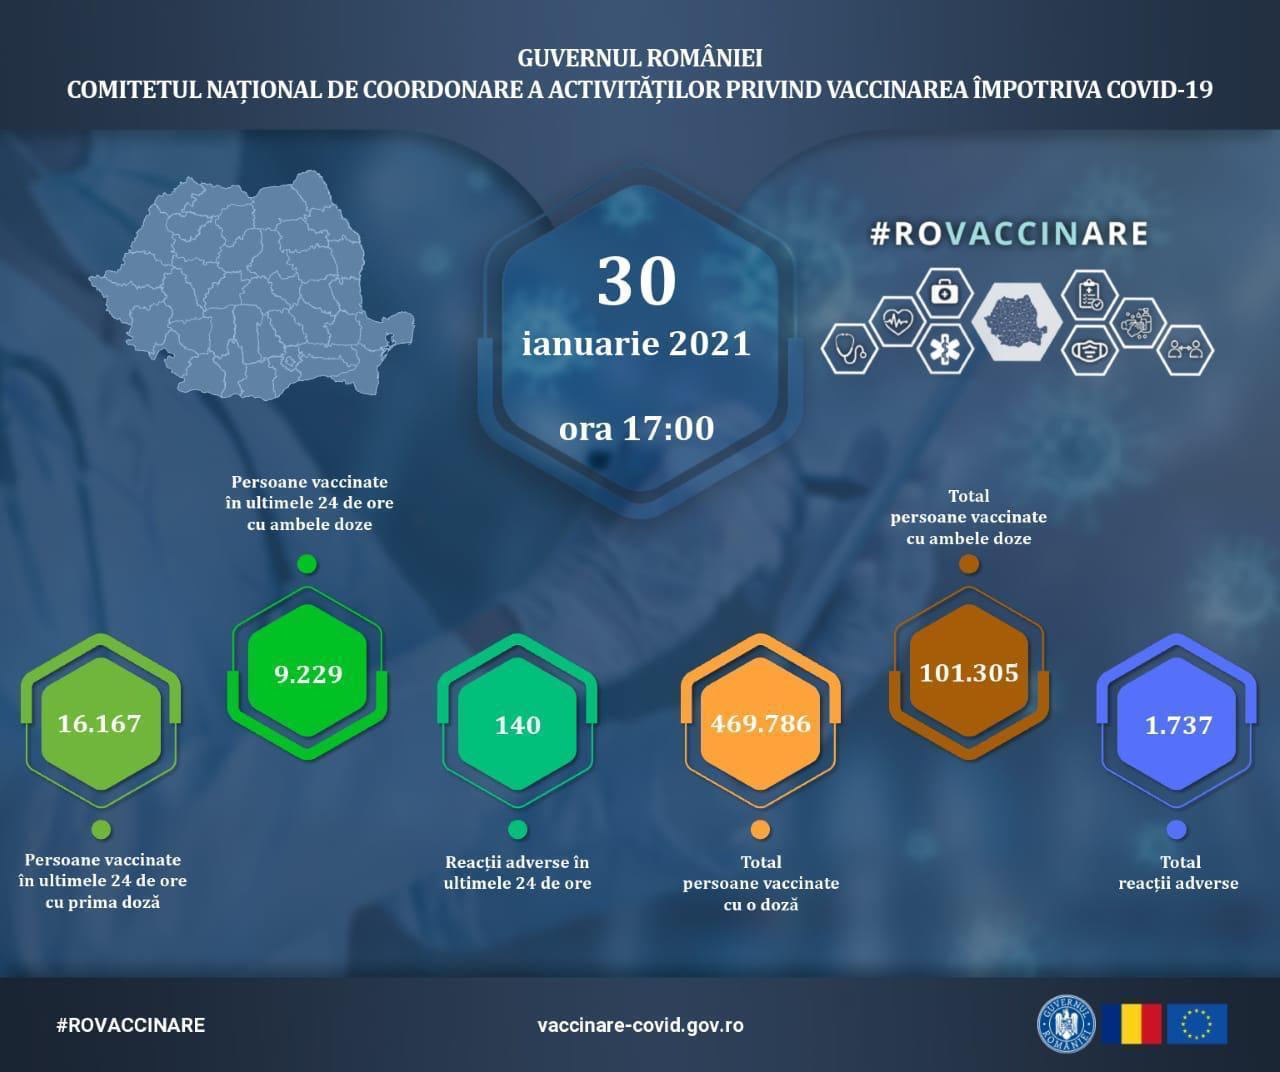 Peste 25.000 de persoane au fost vaccinate în ultimele 24 de ore în România. Câte reacții adverse s-au înregistrat